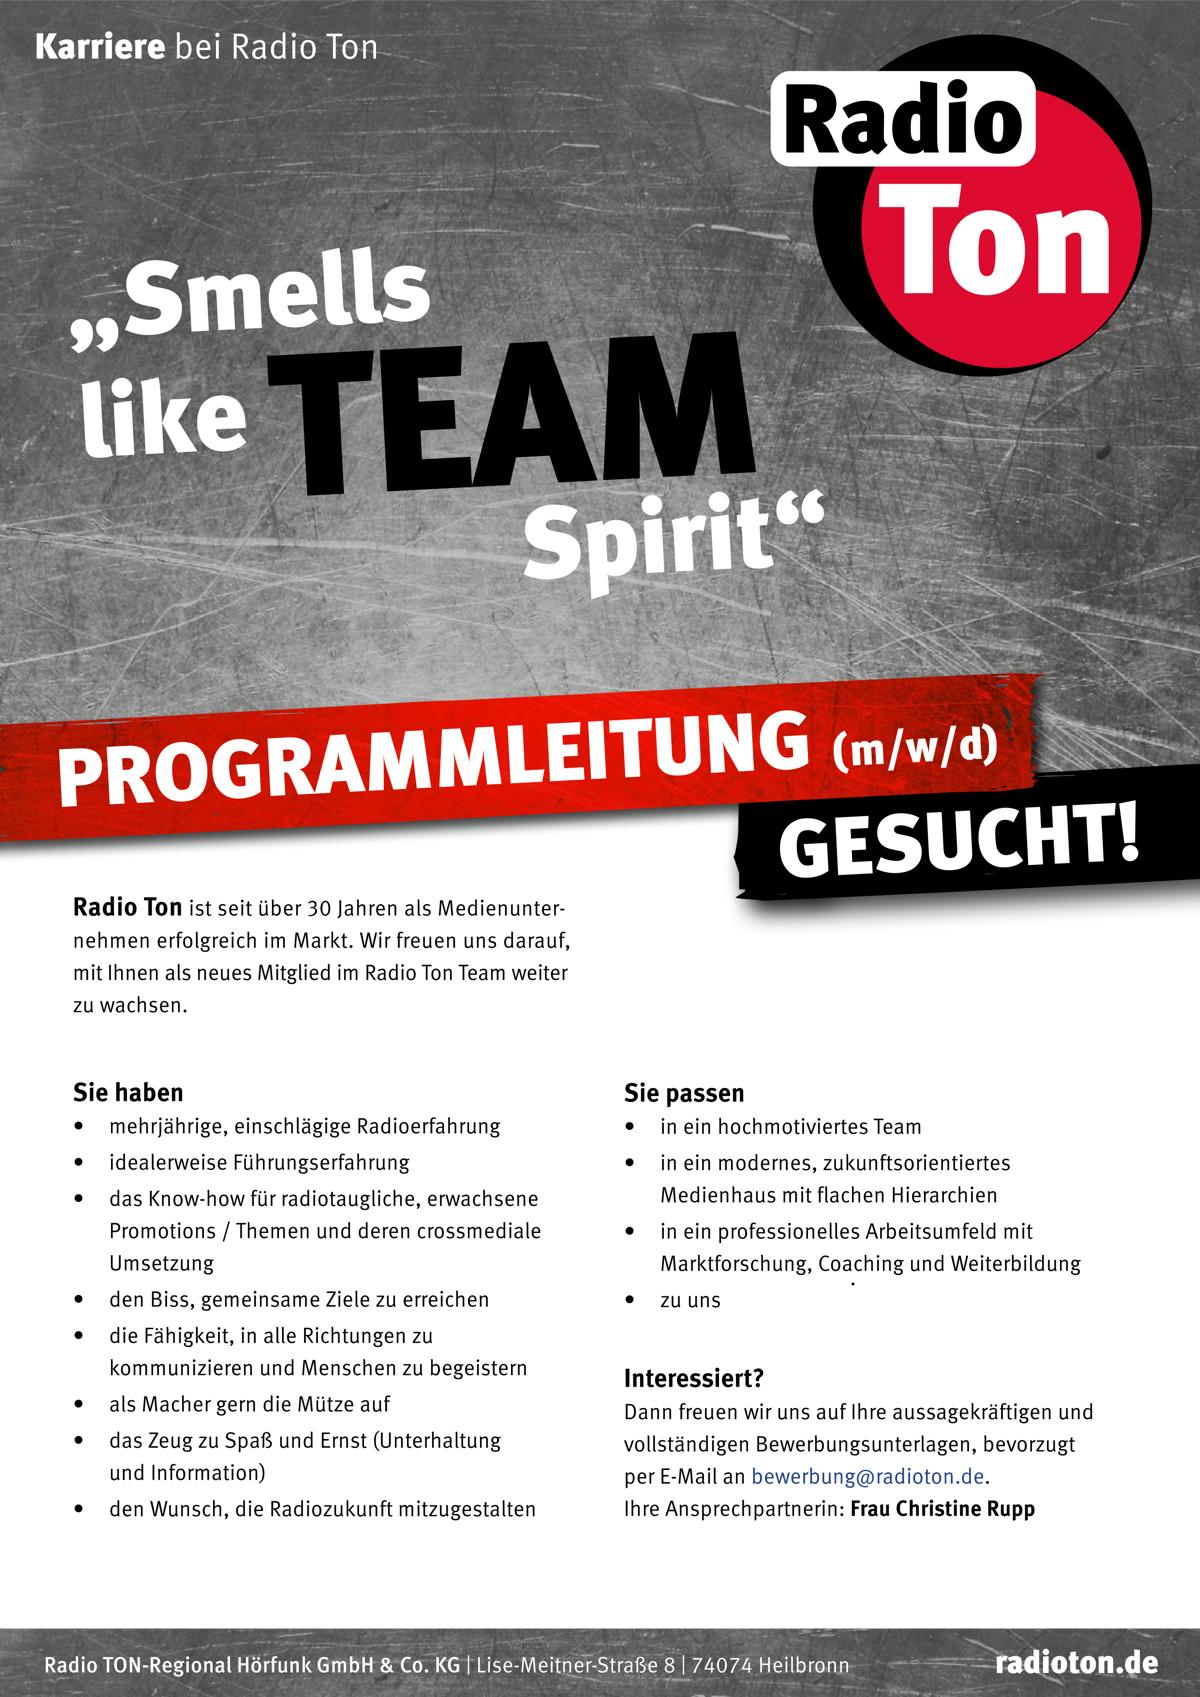 Radio Ton sucht Programmleitung (m/w/d)